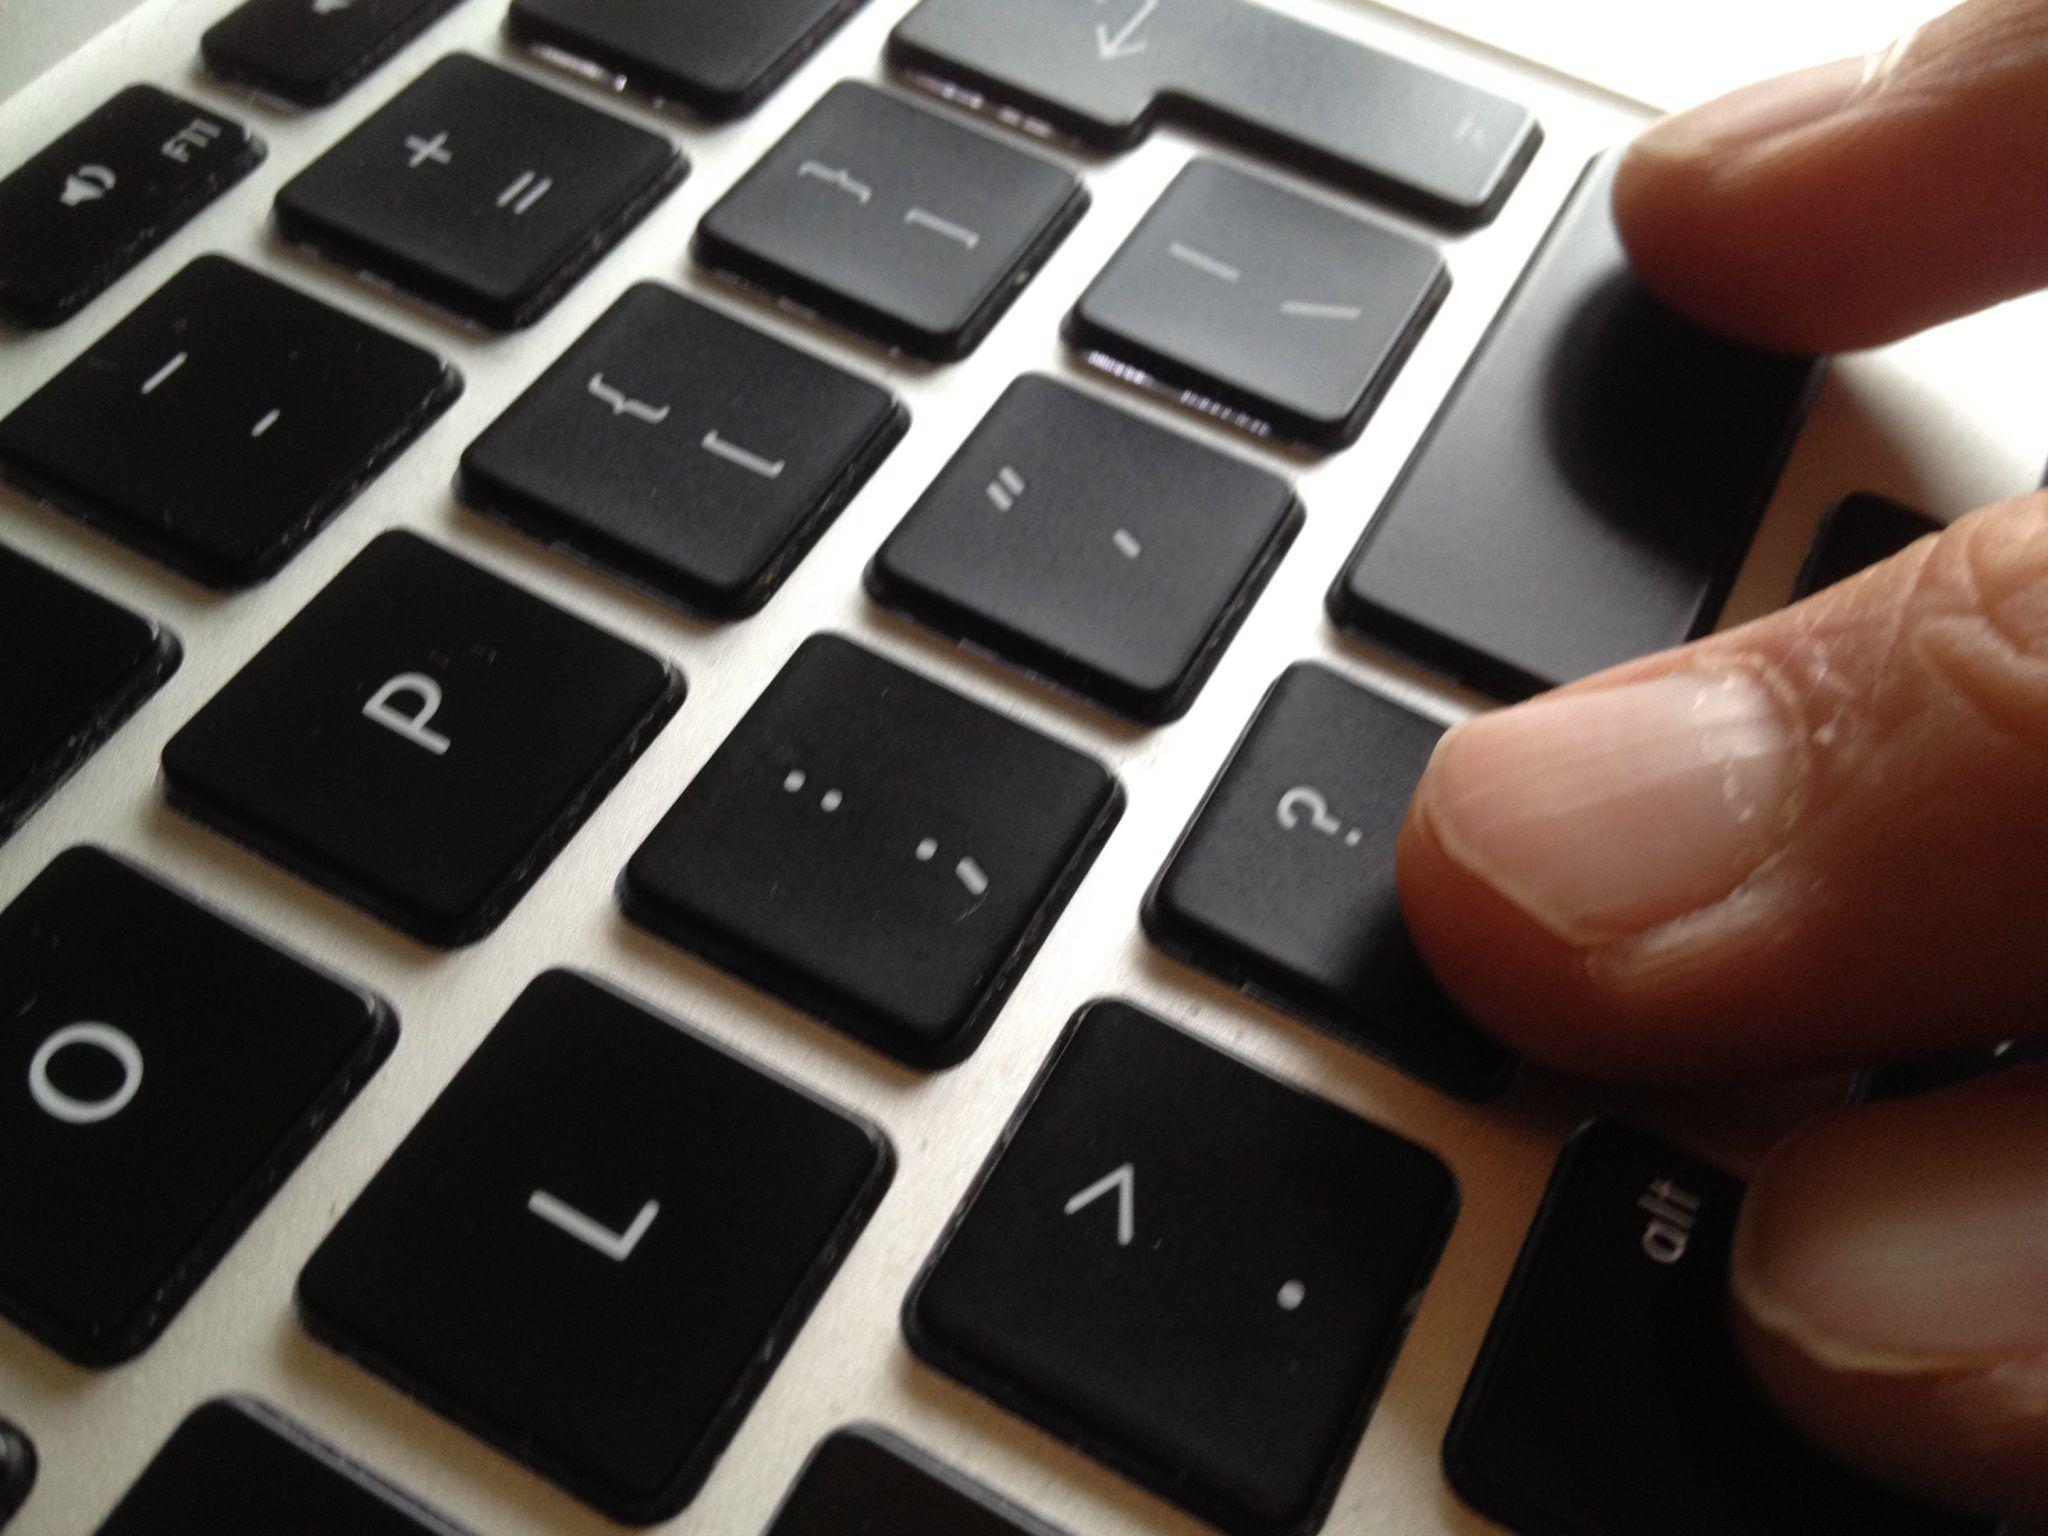 boek-schrijven-sneller-toetsenbord